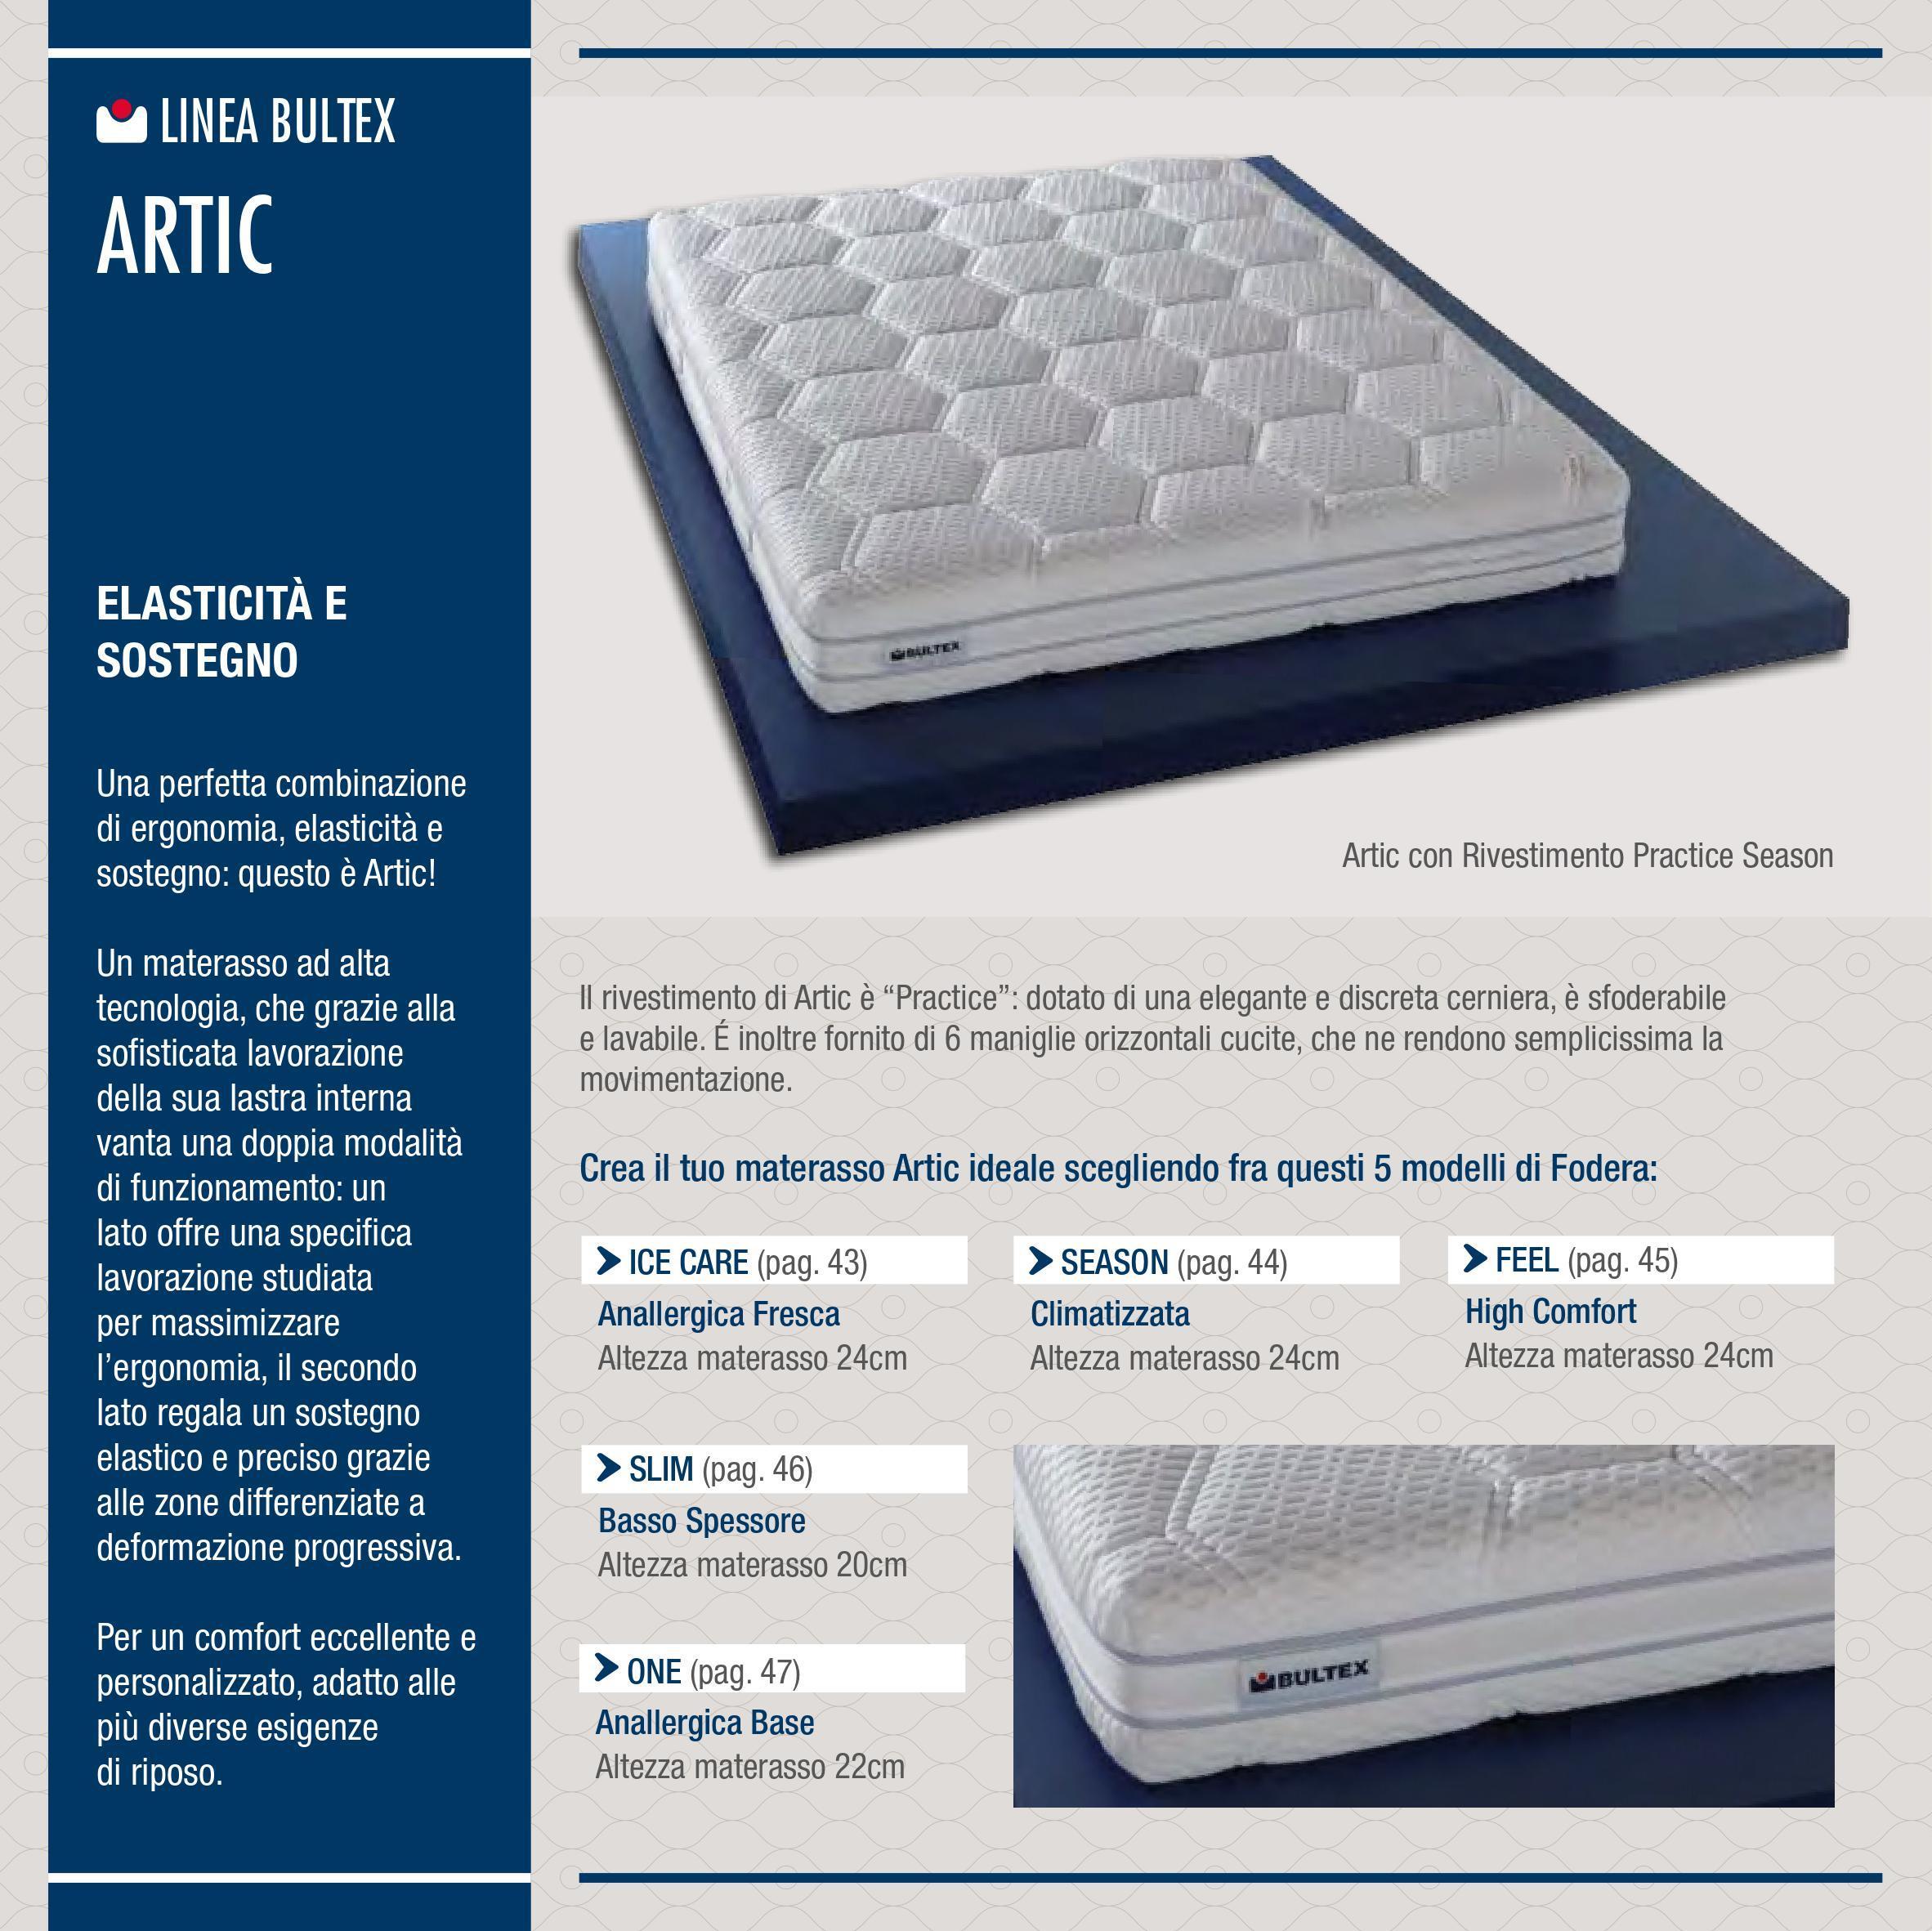 Bultex Materassi In Lattice.Materasso Bultex Artic Memory Foam Memory Foam Materassi